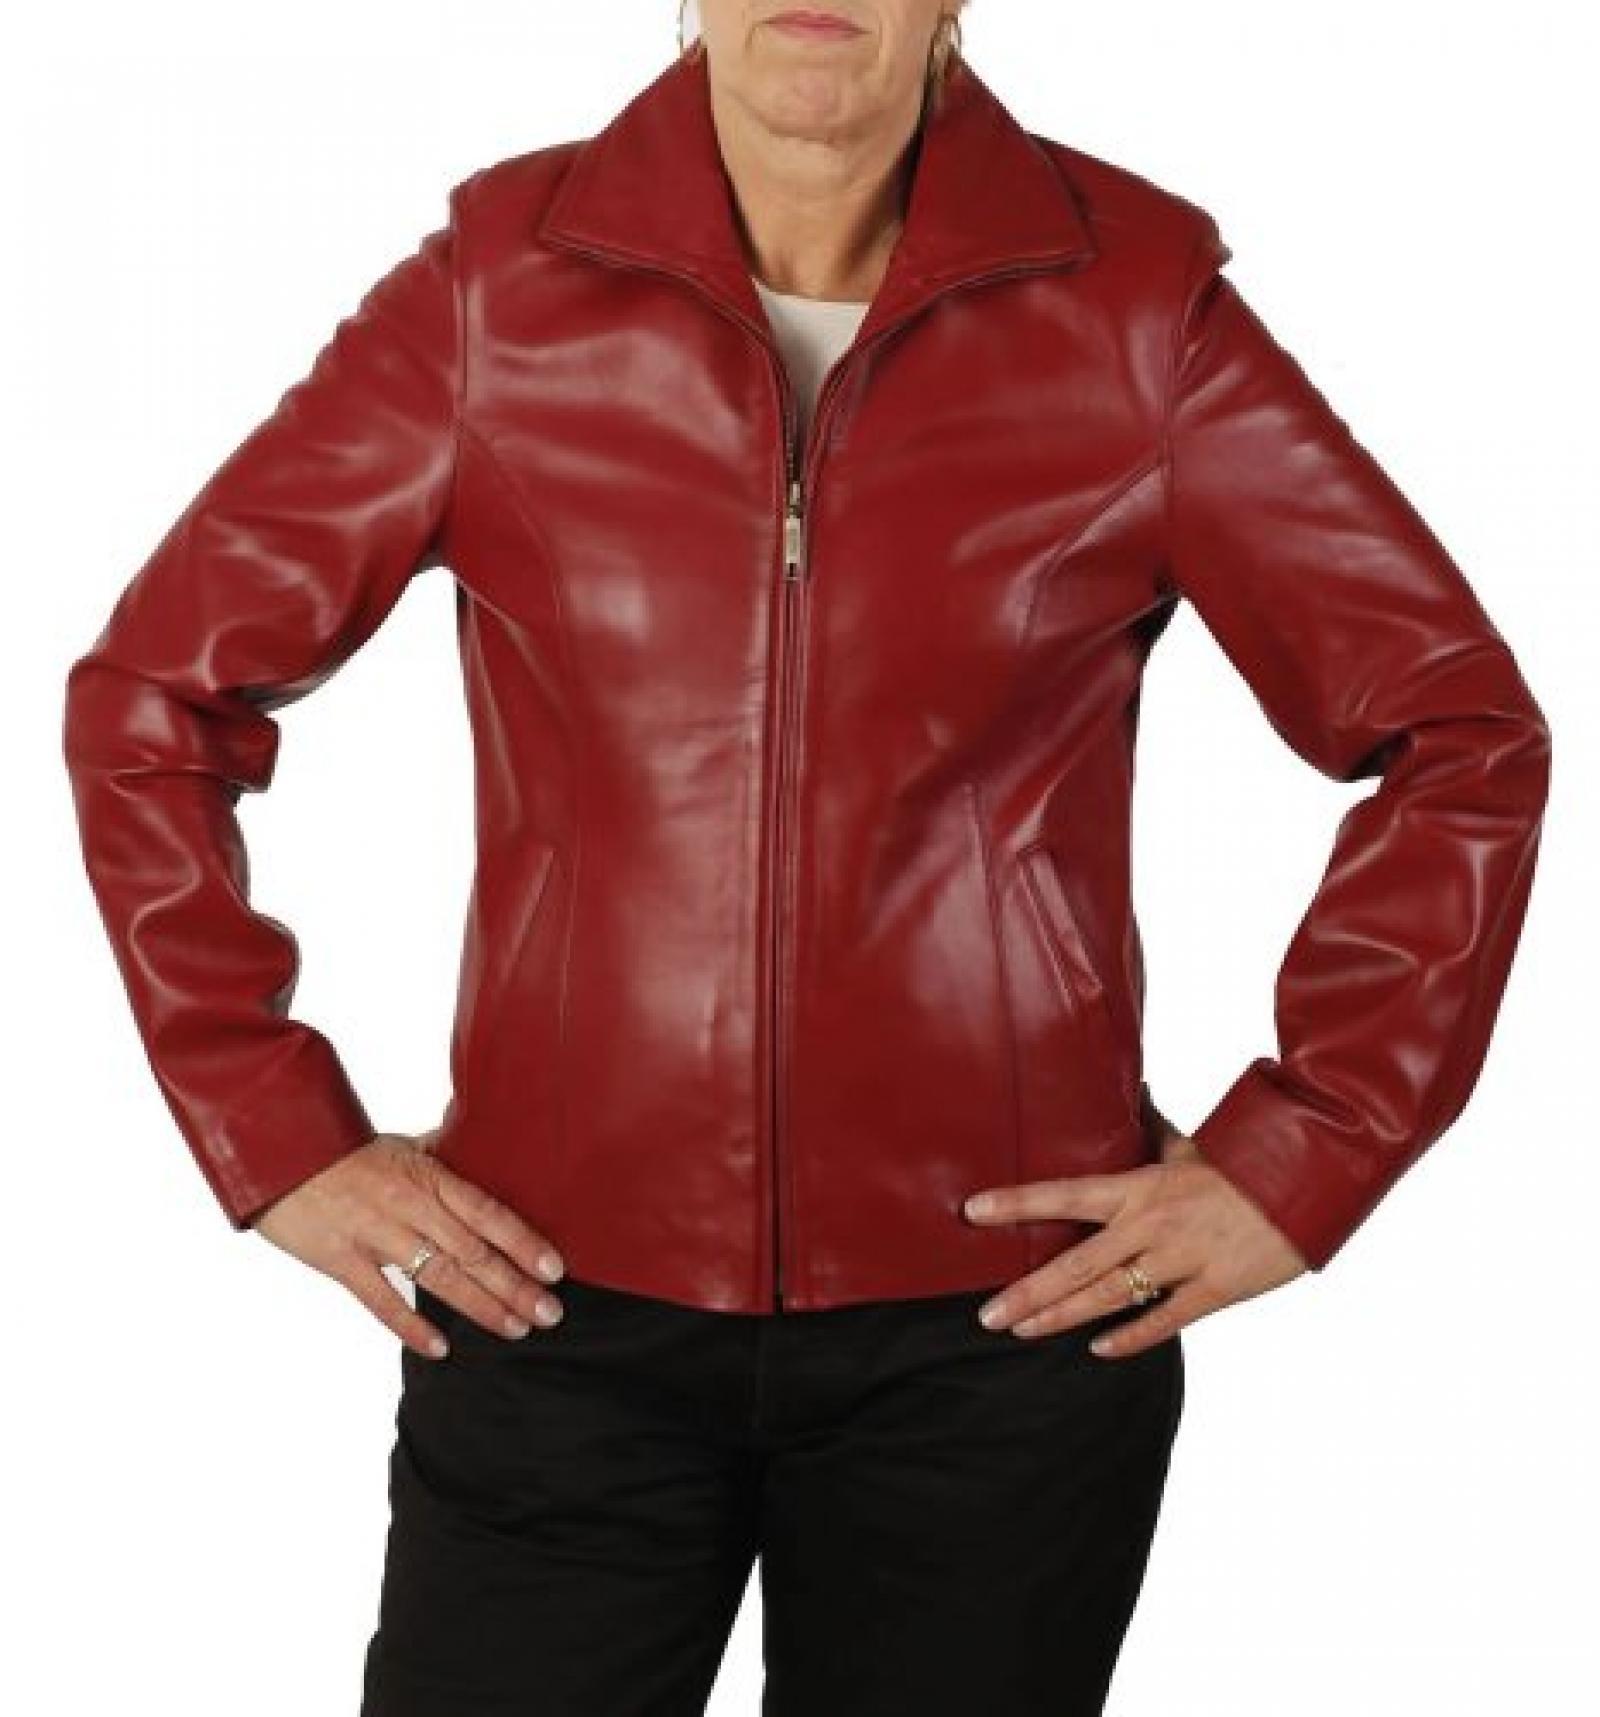 Taillierte Reißverschluss-Jacke aus rotem Leder für die Frau